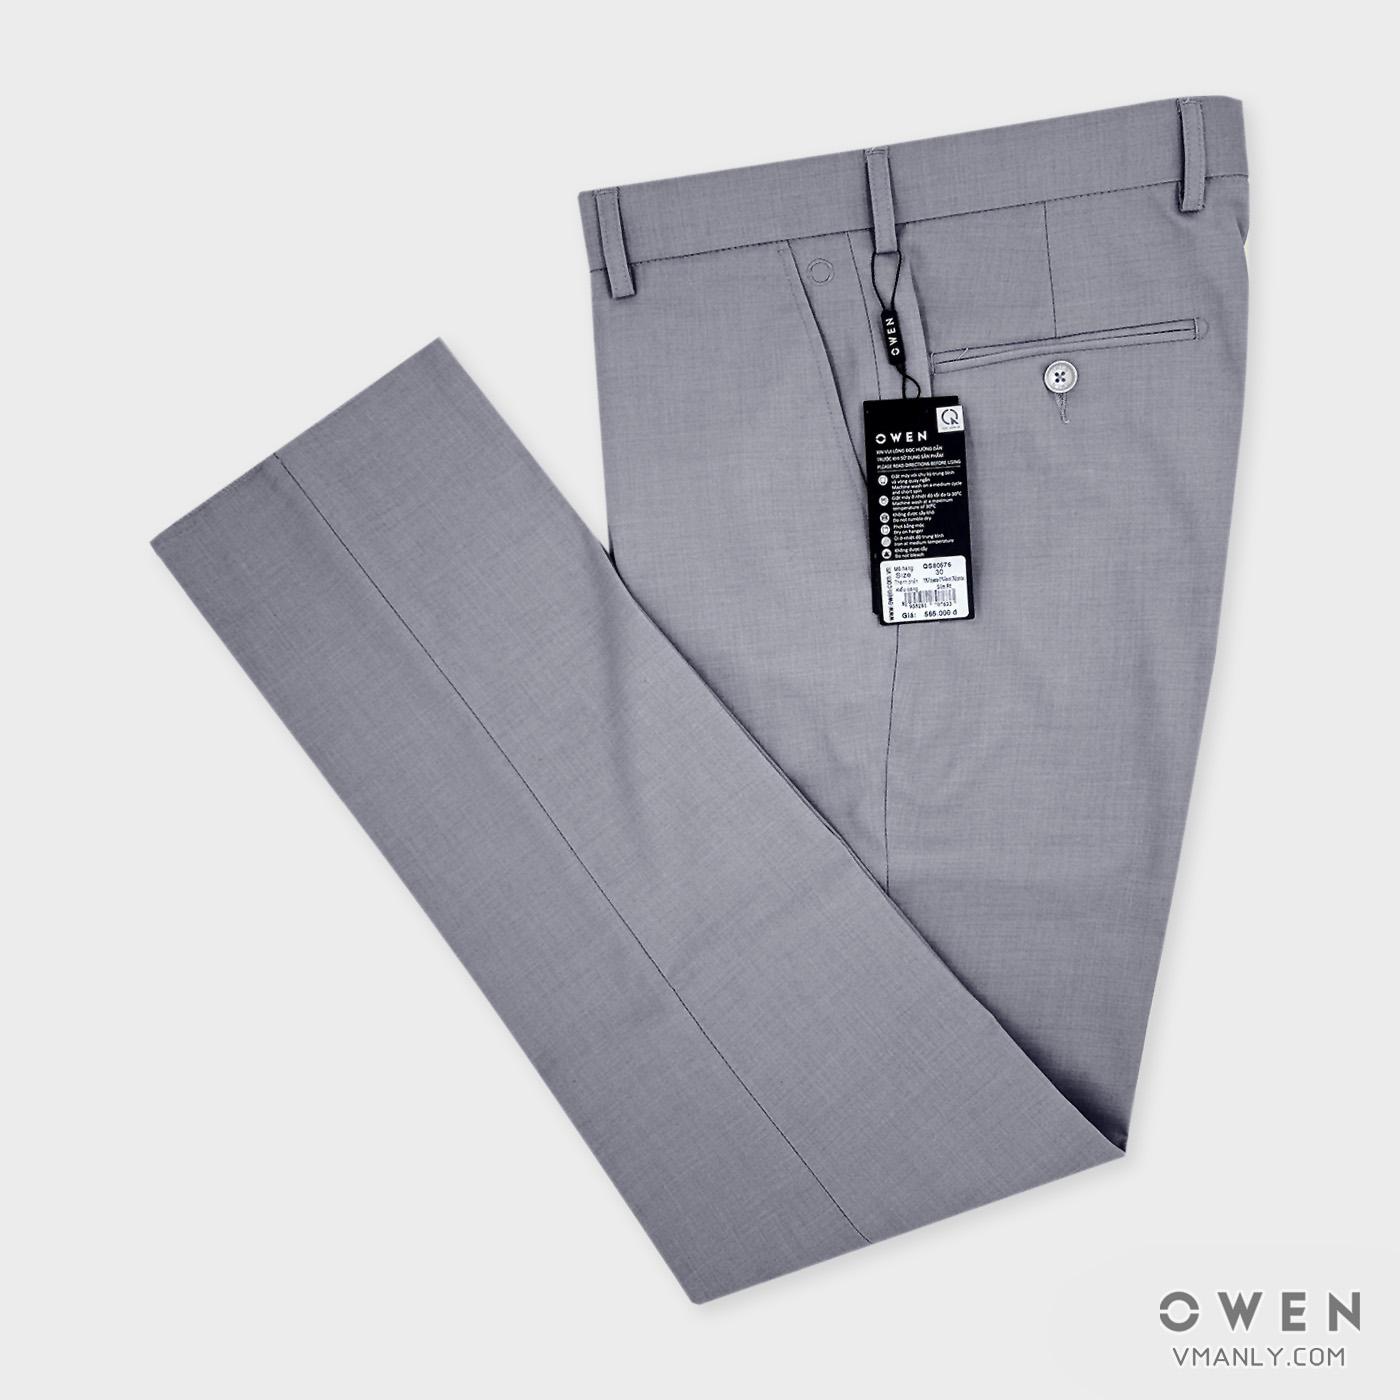 Quần tây Owen không li slimfit màu ghi QS80576